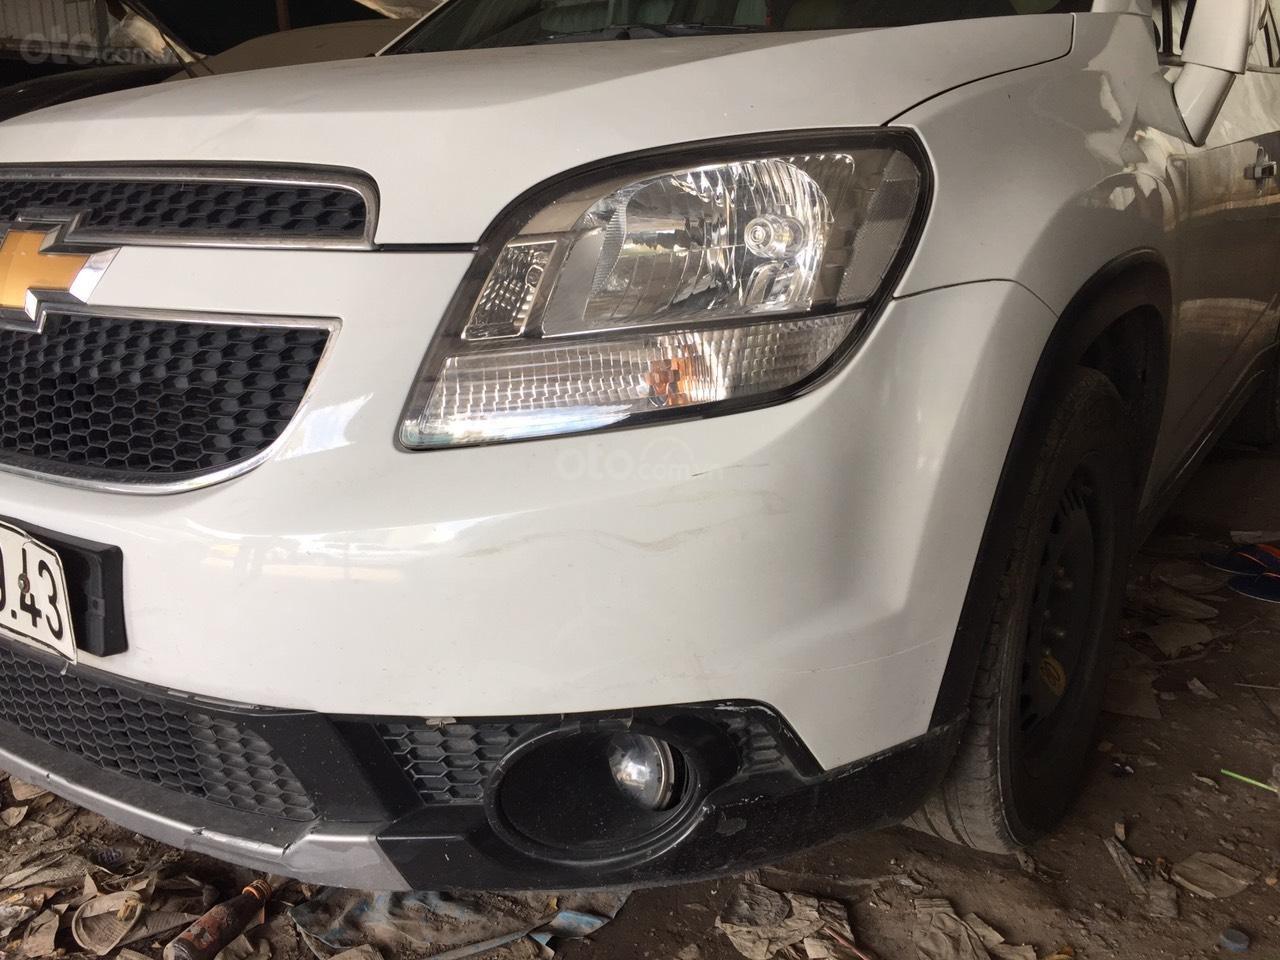 Cần bán xe Chevrolet Orlando năm sản xuất 2017, màu trắng, giá 410tr (2)